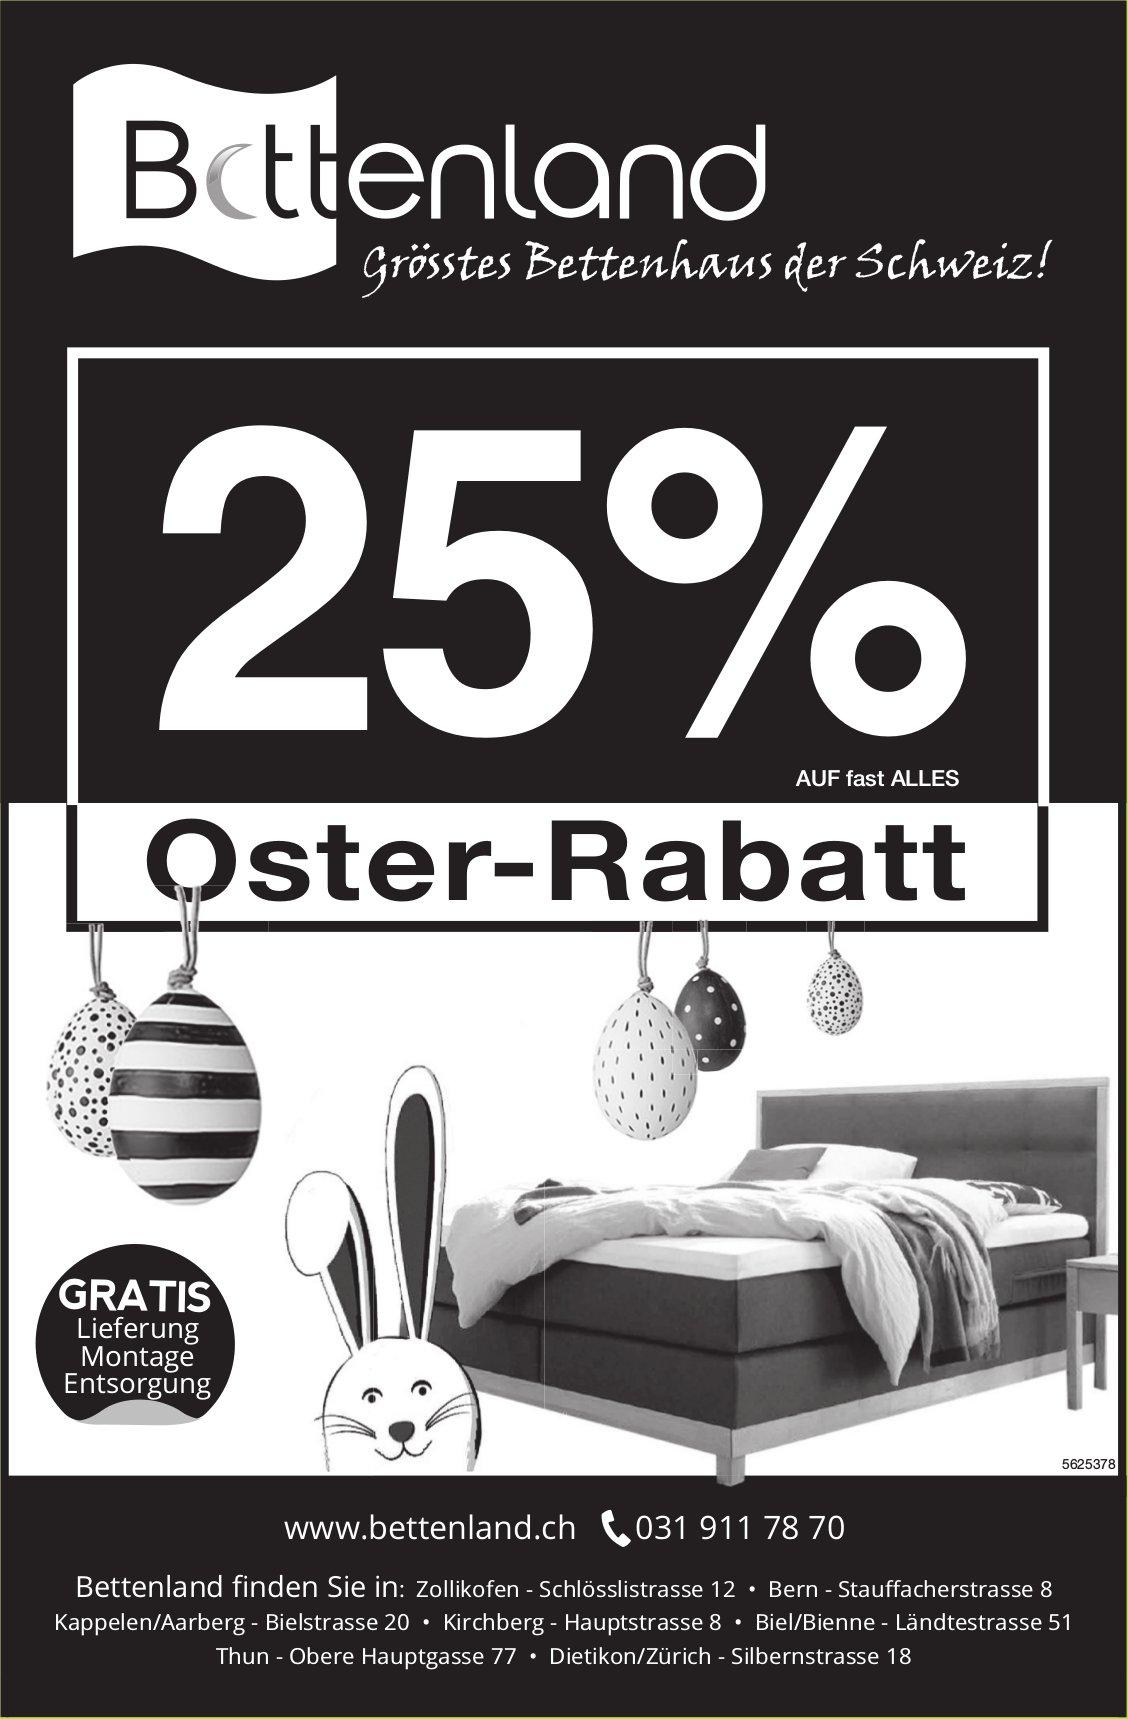 Bettenland, grösstes Bettenhaus der Schweiz! 25% Oster-Rabatt